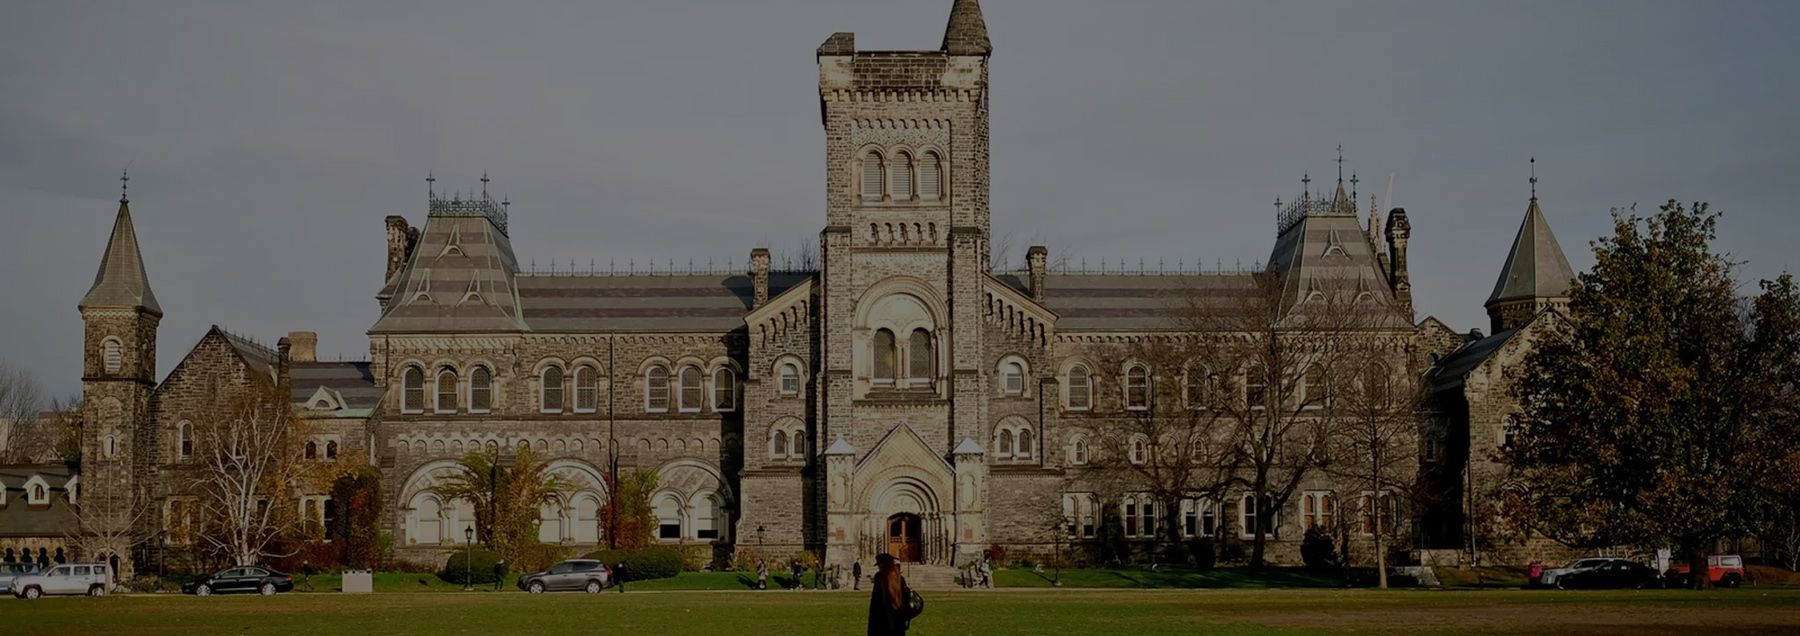 День відкритих дверей: освіта в Канаді. Фото - 3